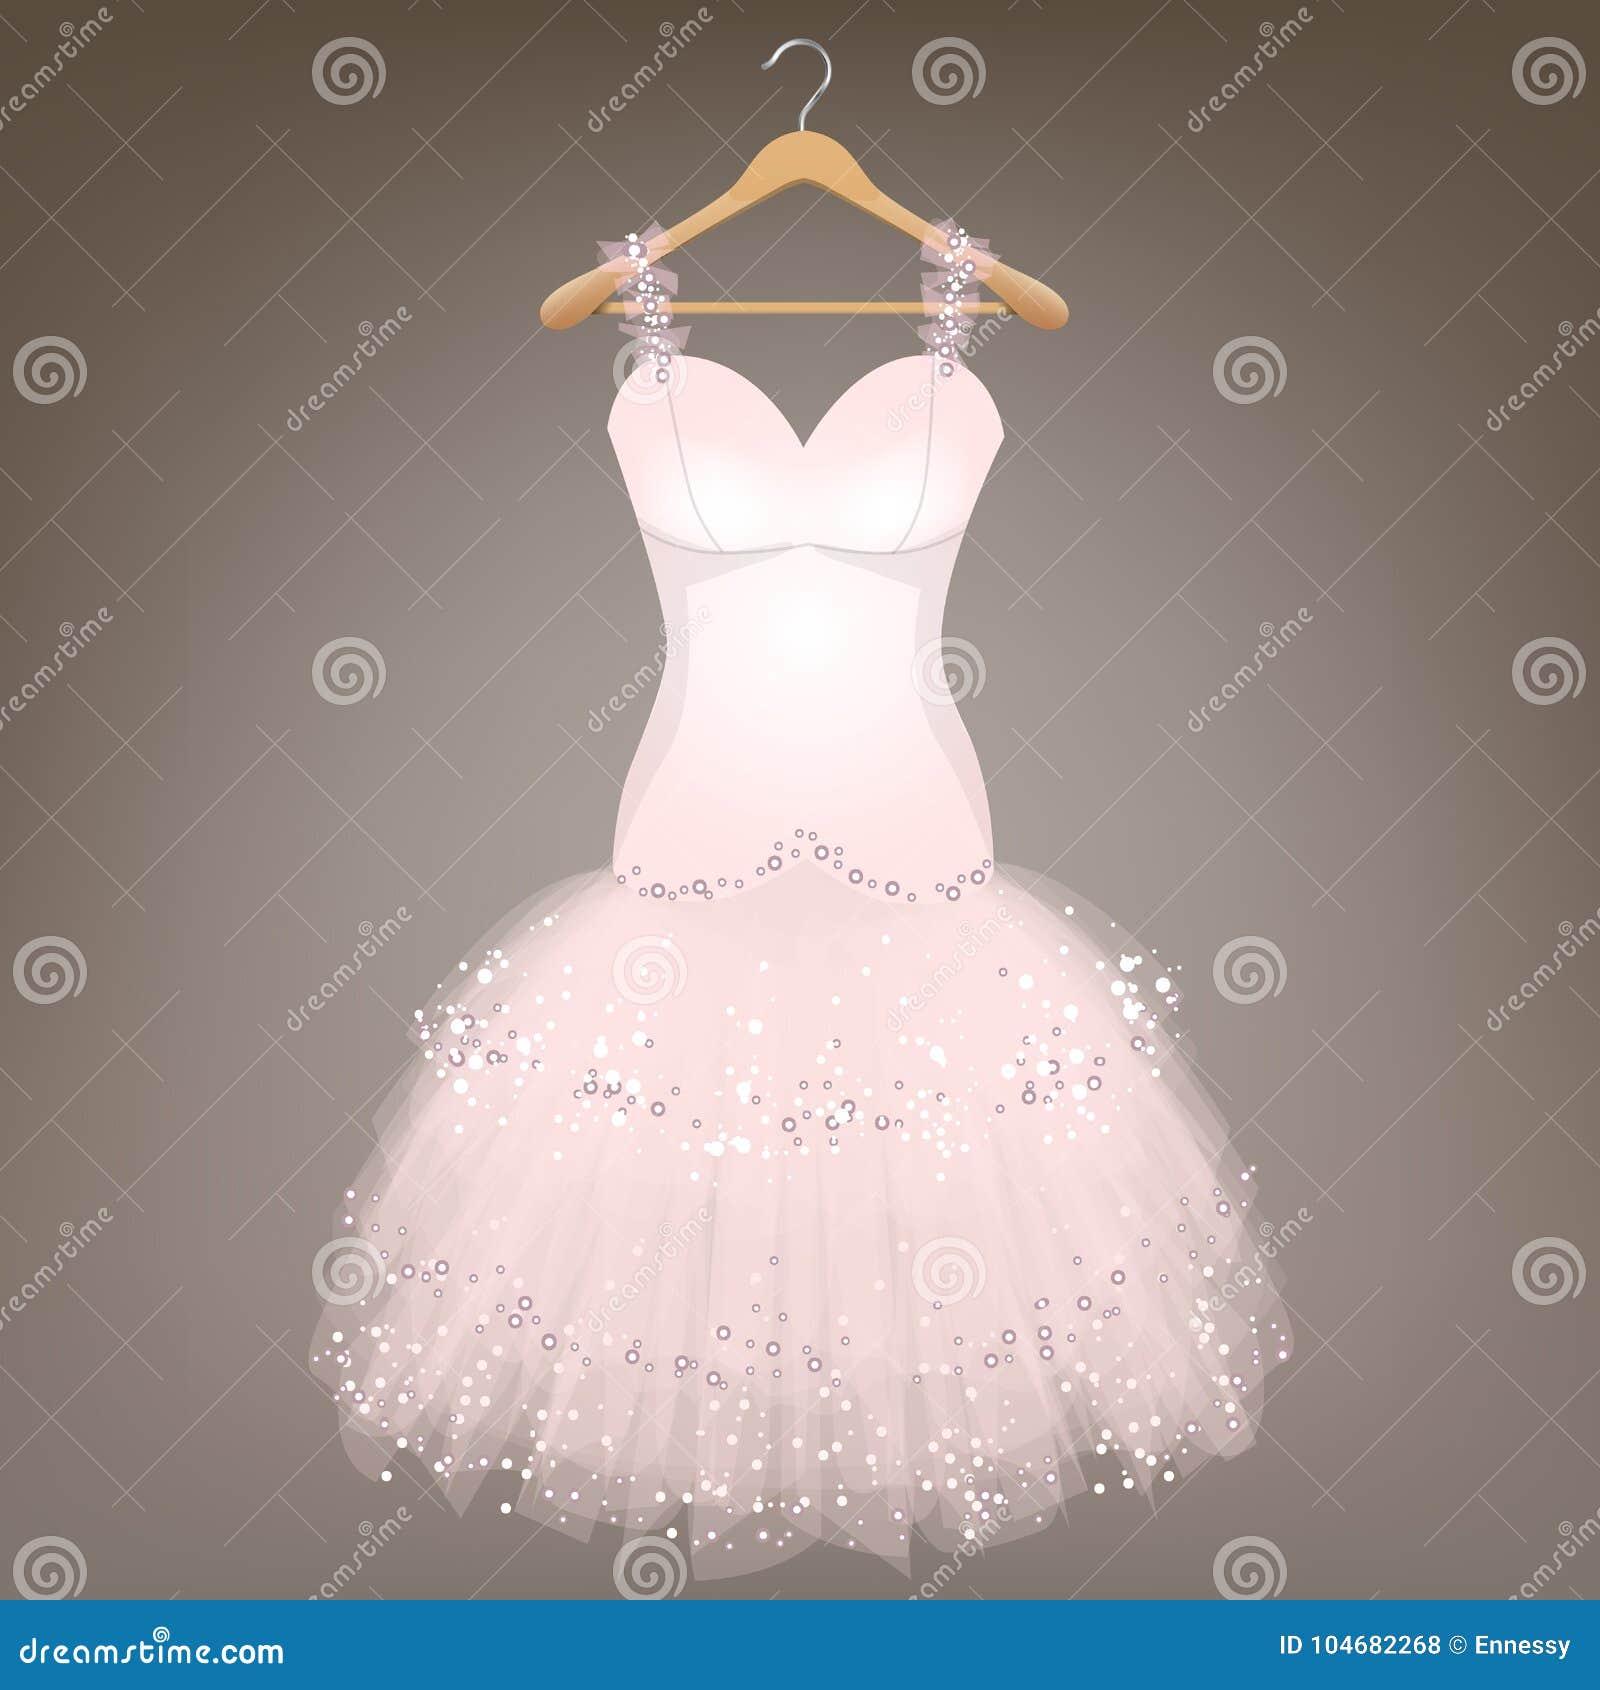 White Wedding Dress Hanger: White Wedding Dress Stock Vector. Illustration Of Hanger